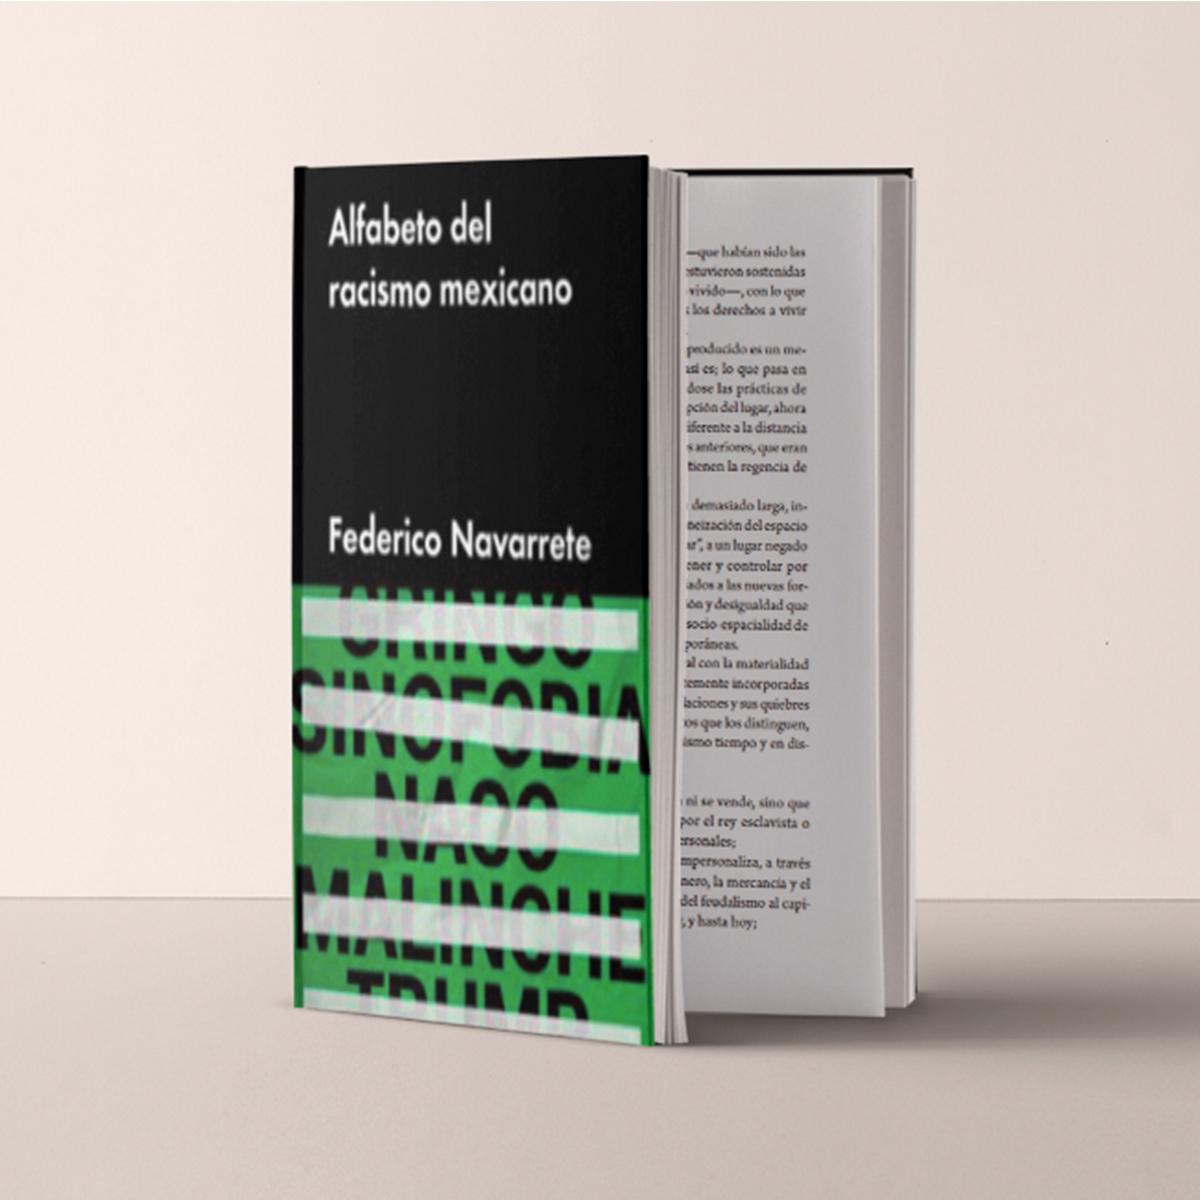 ALFABETO-DEL-RACISMO-CUADRADO